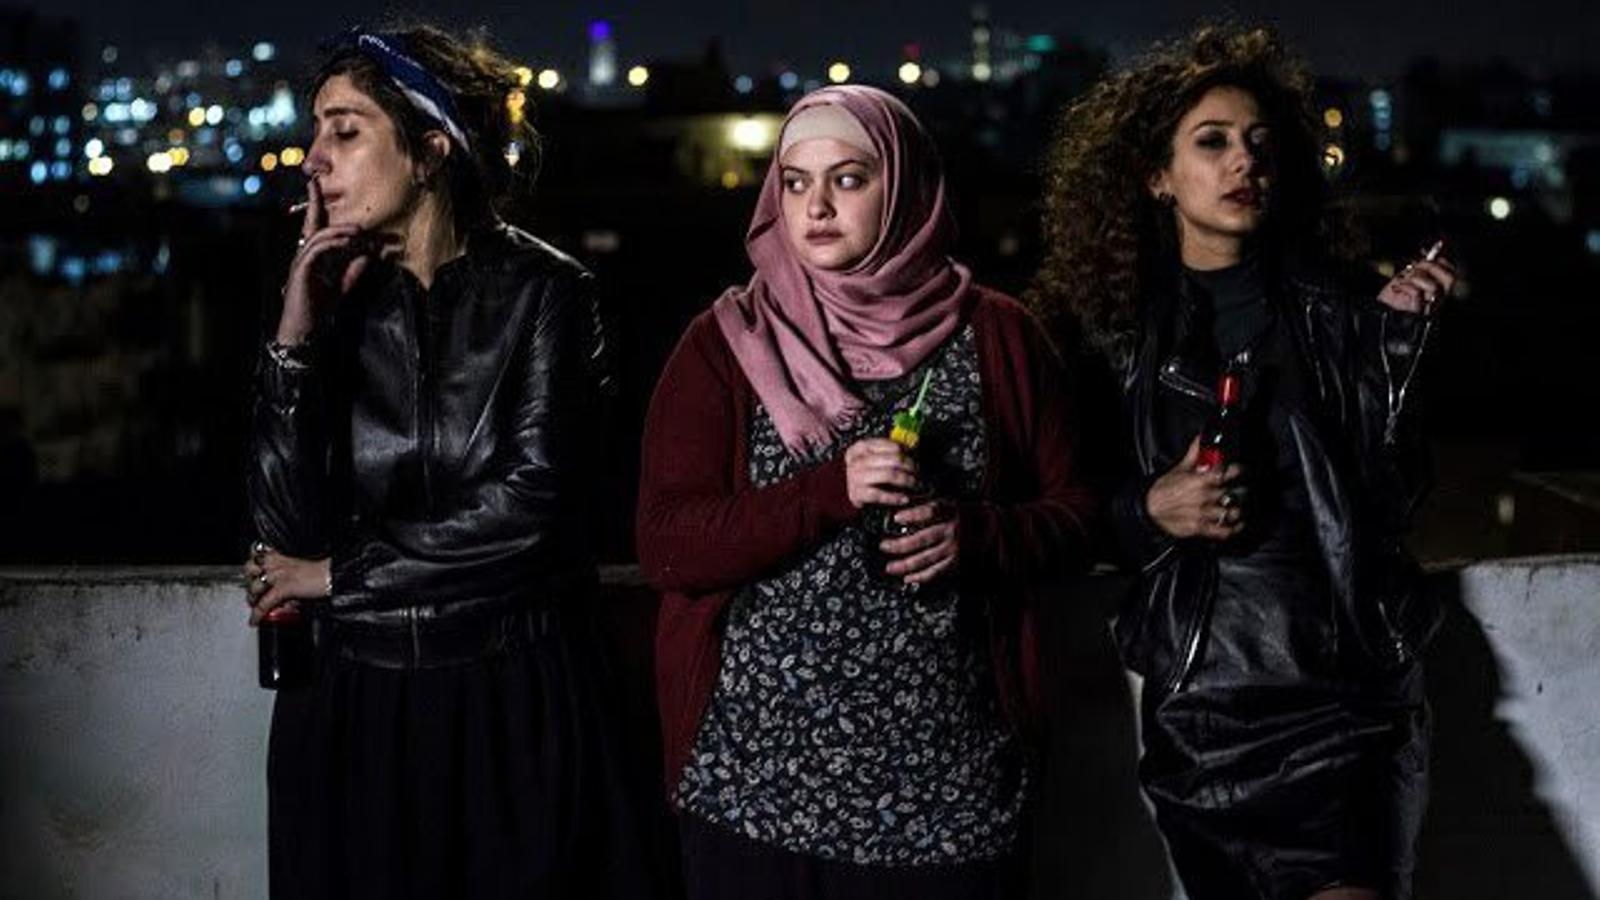 La Salma, la Nour i la Leila són tres dones palestines que comparteixen pis a Tel-Avivi en el drama Bar Bahar.